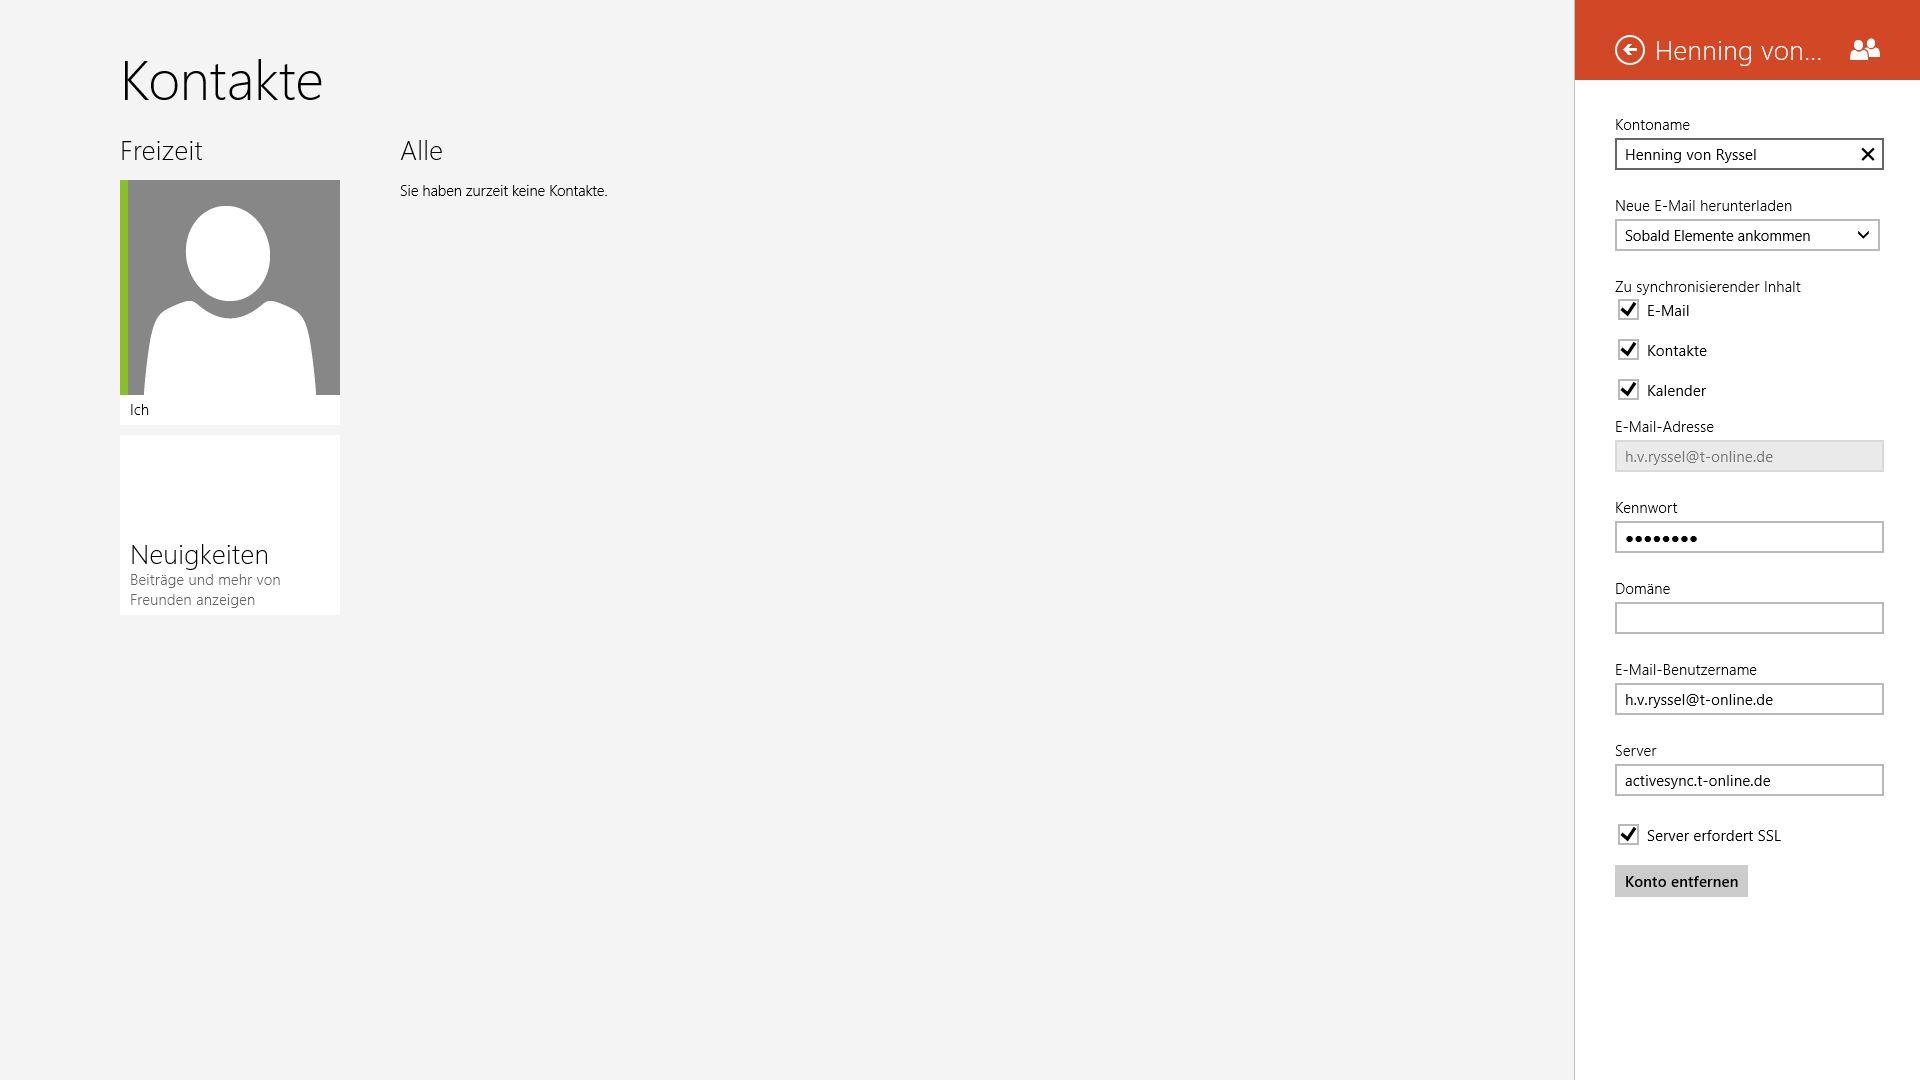 Kontakte App ist leer-kontakte_einst.jpg